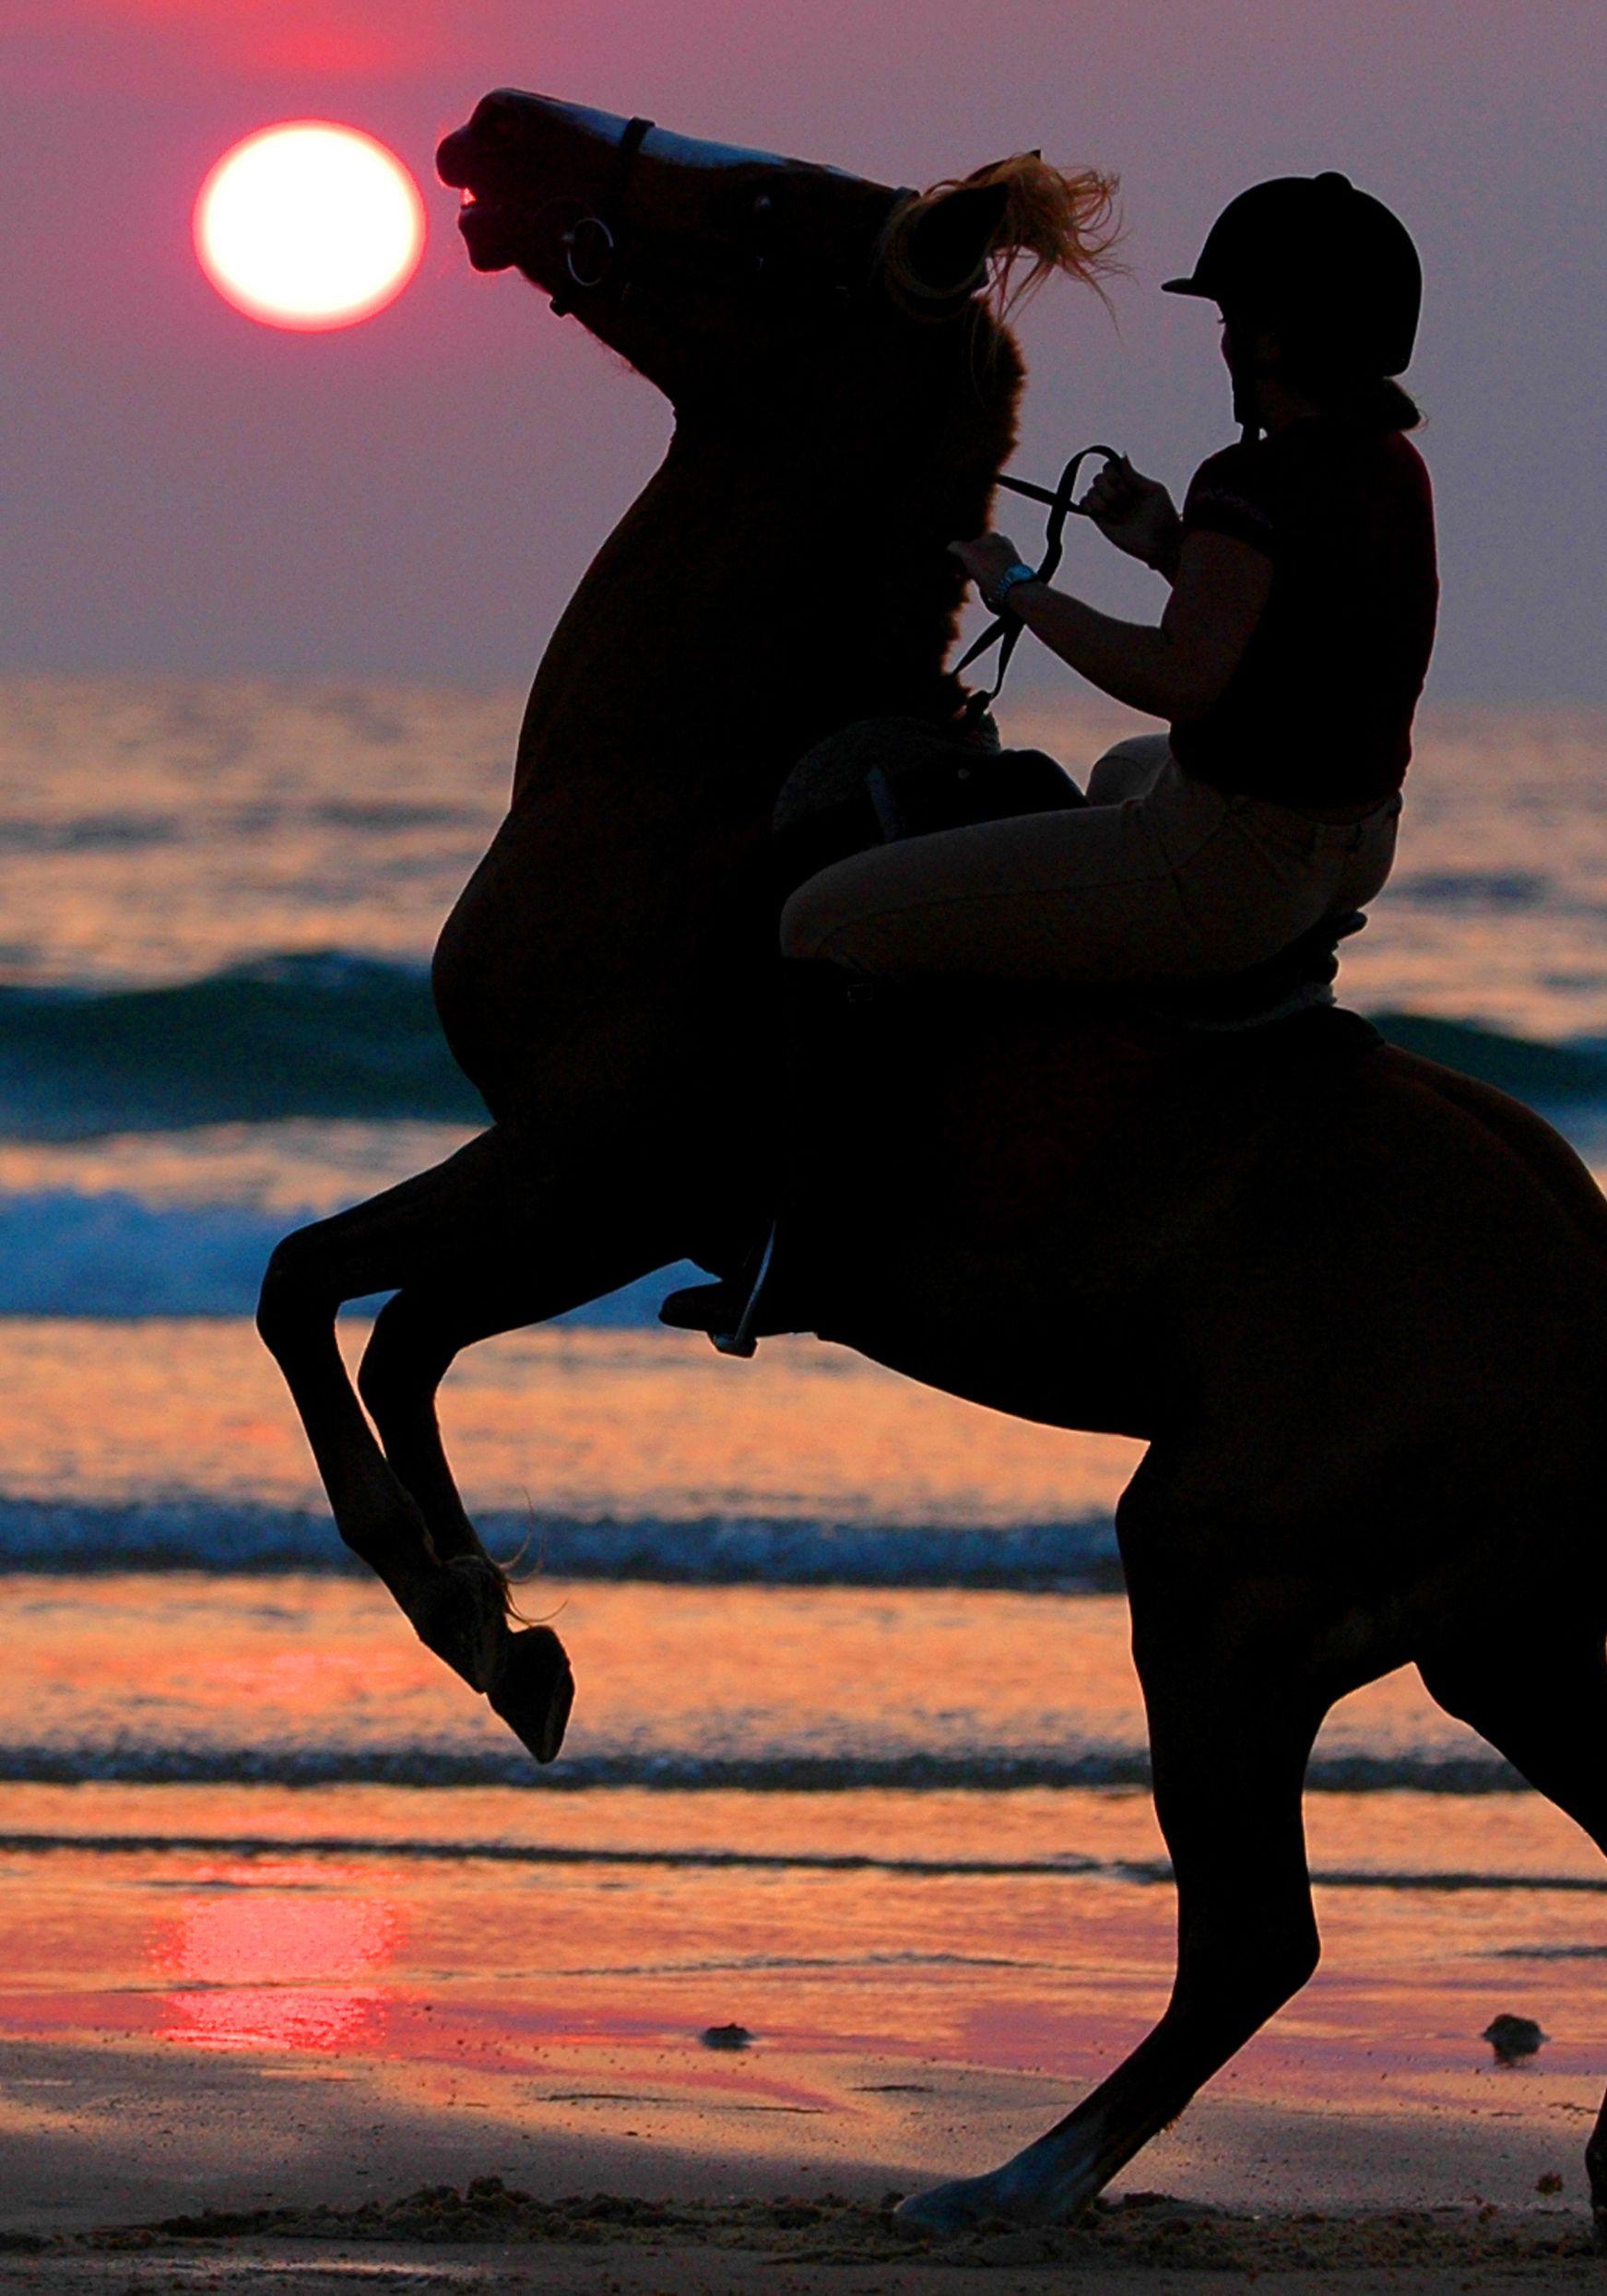 Chevauchez Au Coucher Du Soleil Sur Les Plages De L Atlantique Landes Chevaldaventure Cheval Randonnee A Cheval Photo Magnifique